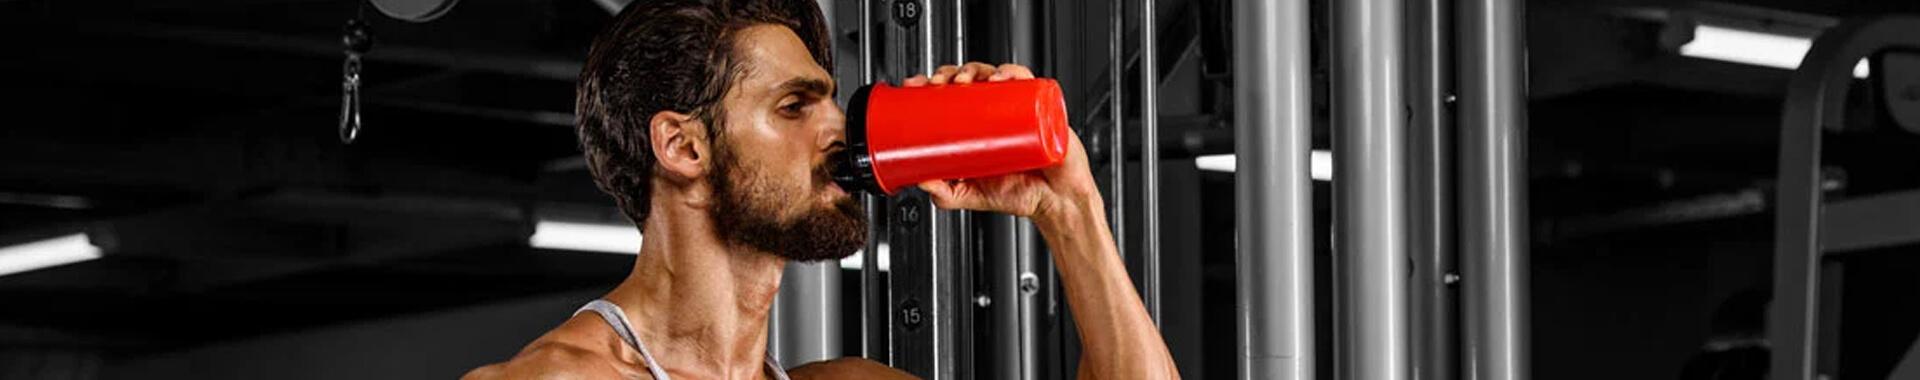 Apna Sambhal Fitness Products List